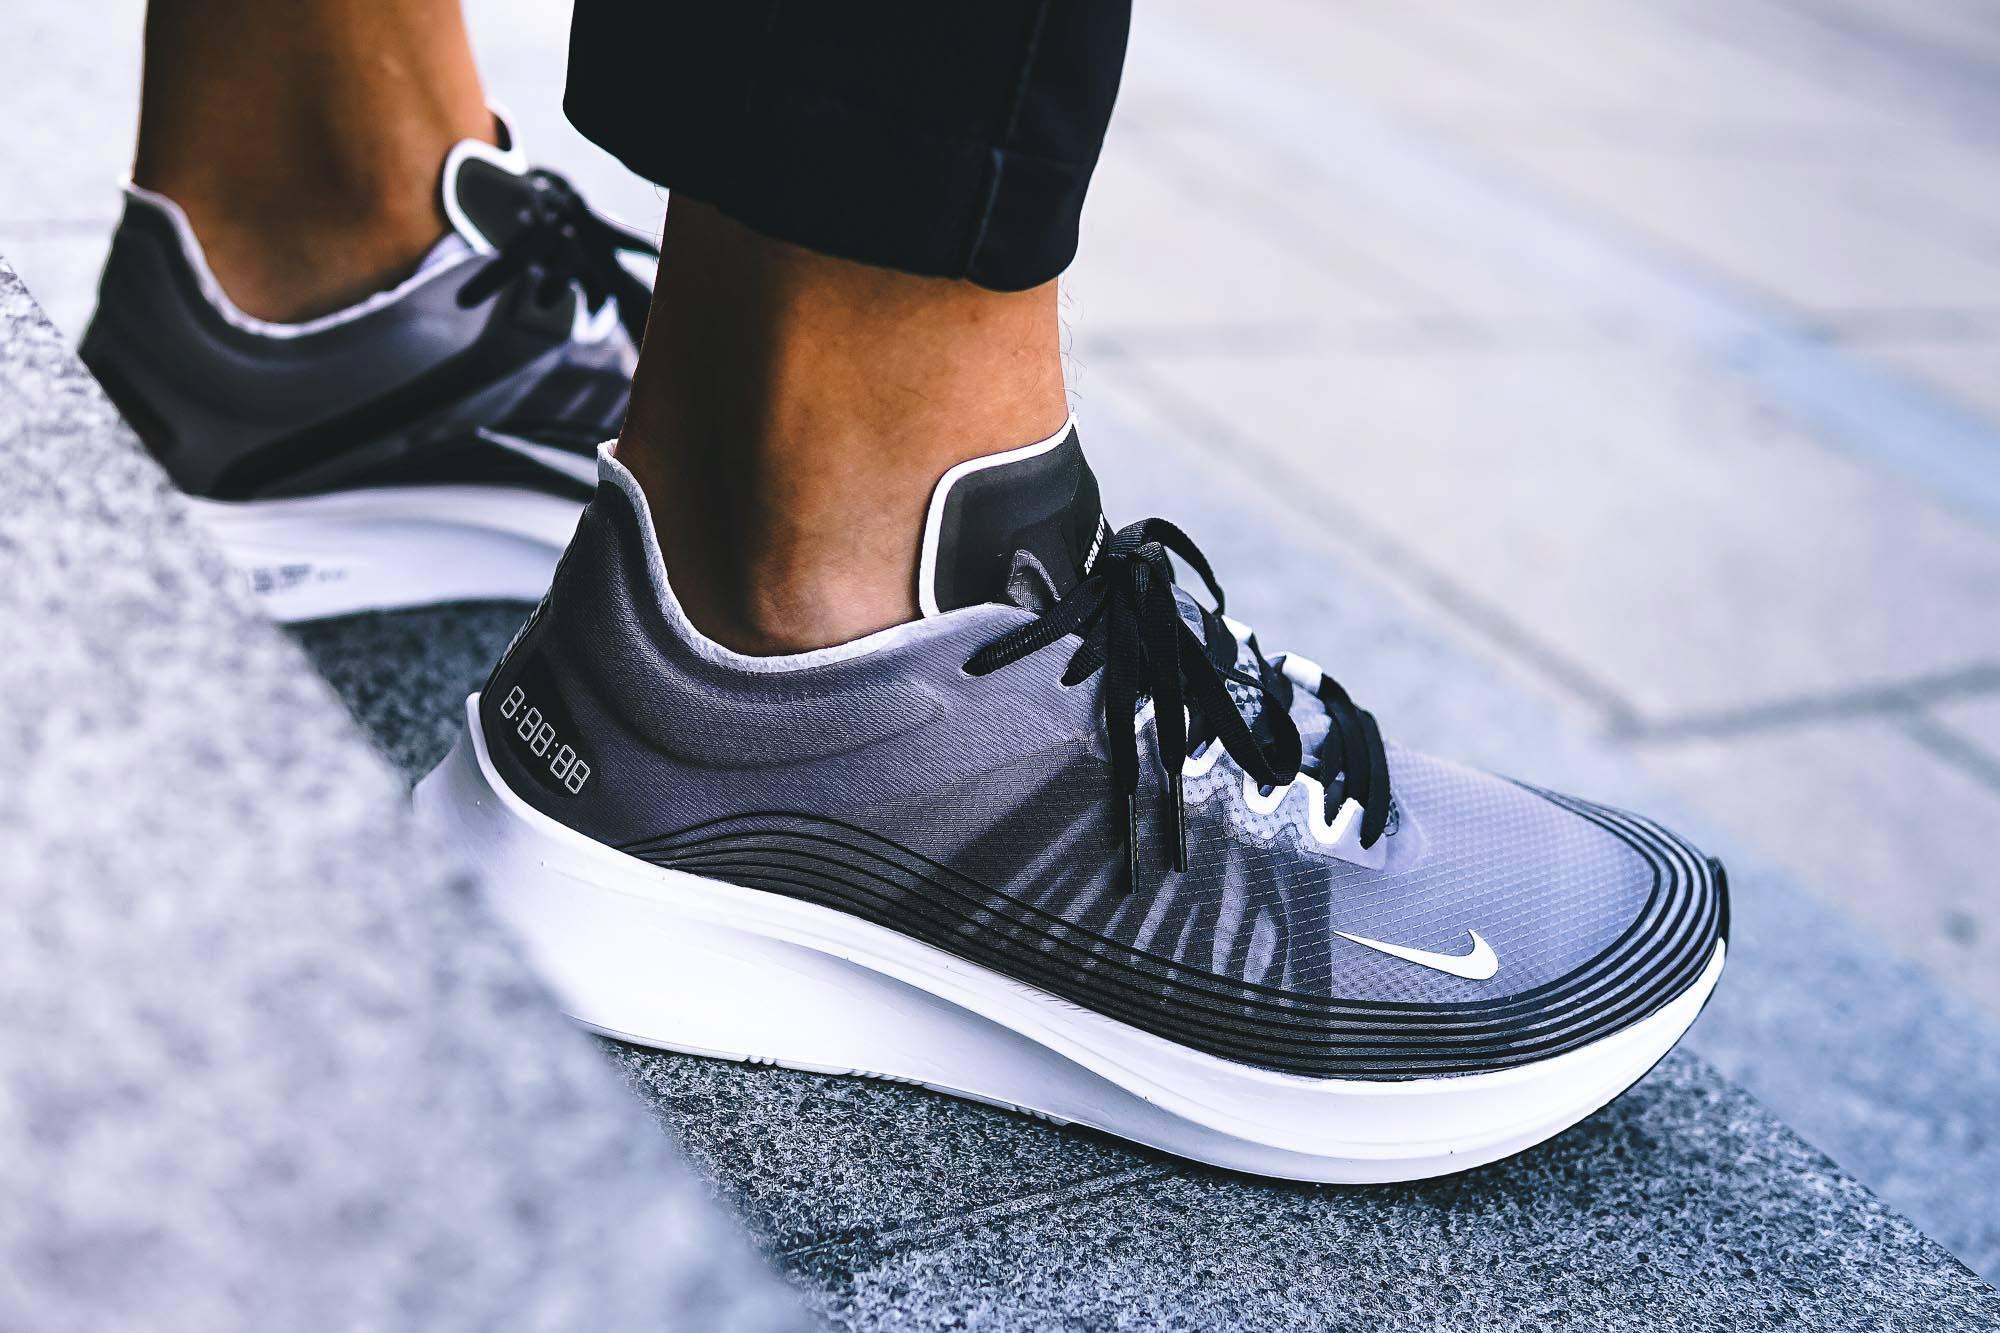 525e6d94234 Nike lancerer trendy udgave af Zoom Fly SP